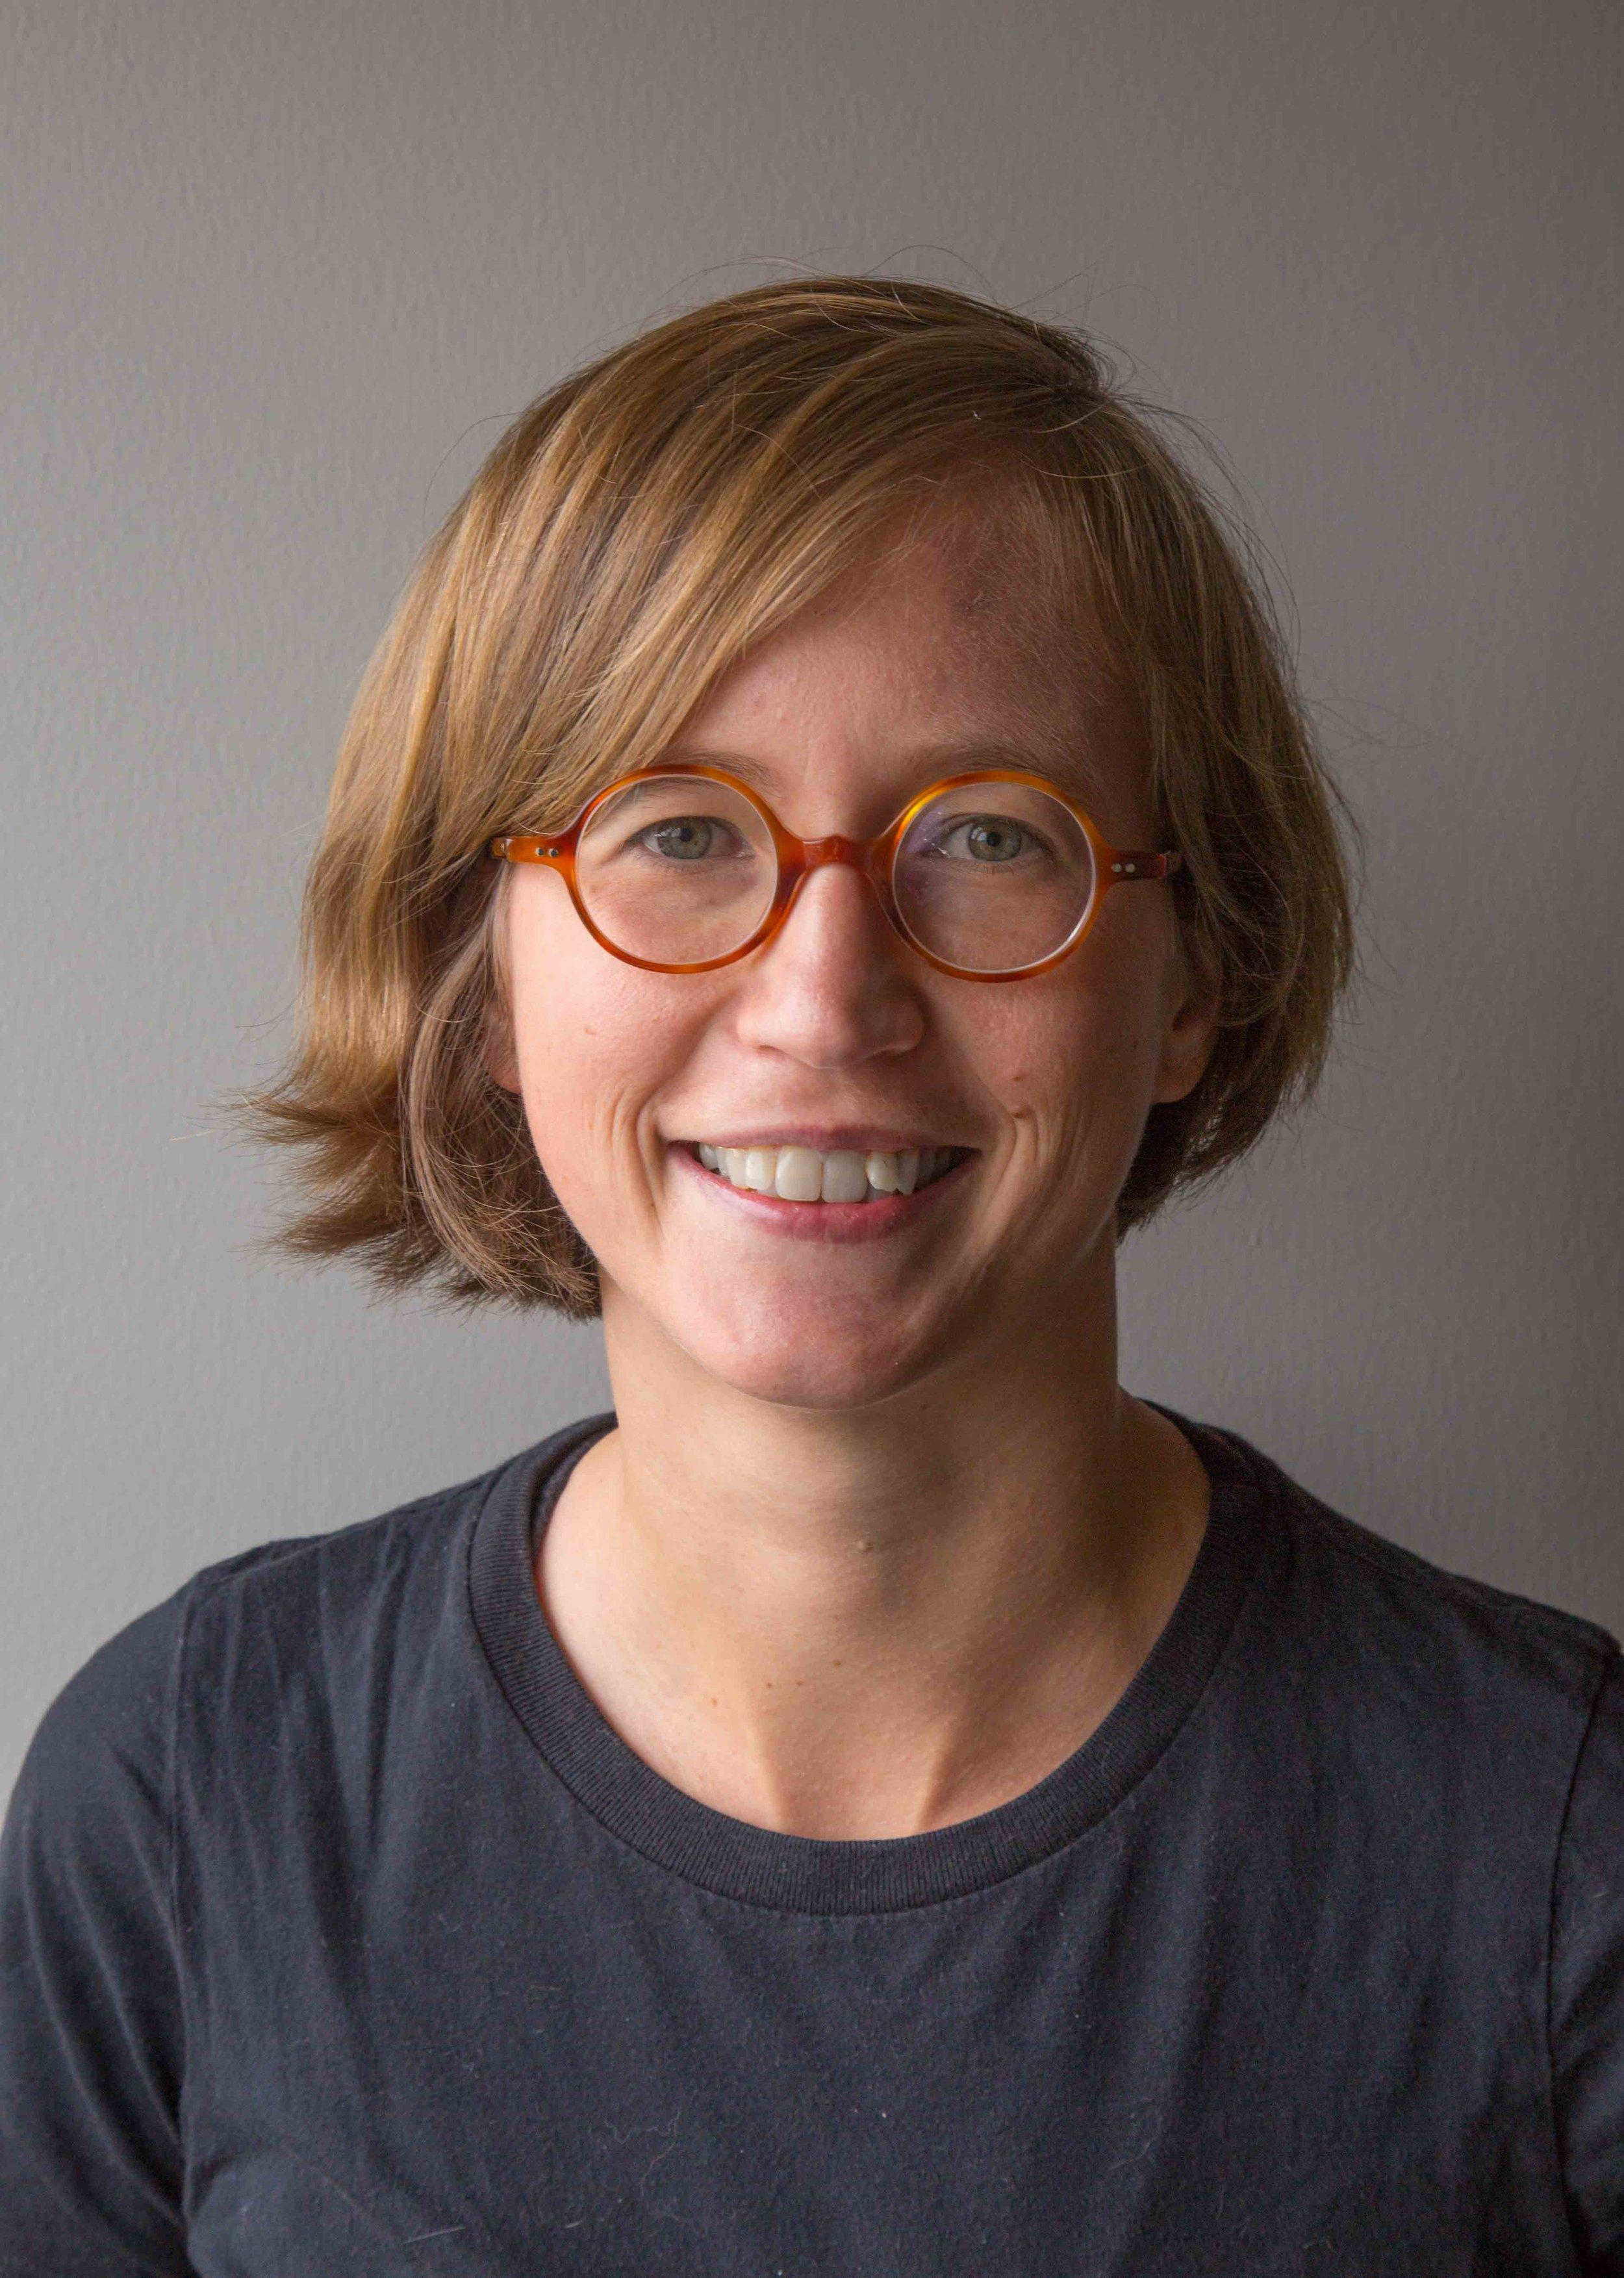 Linda Tchernyshyov